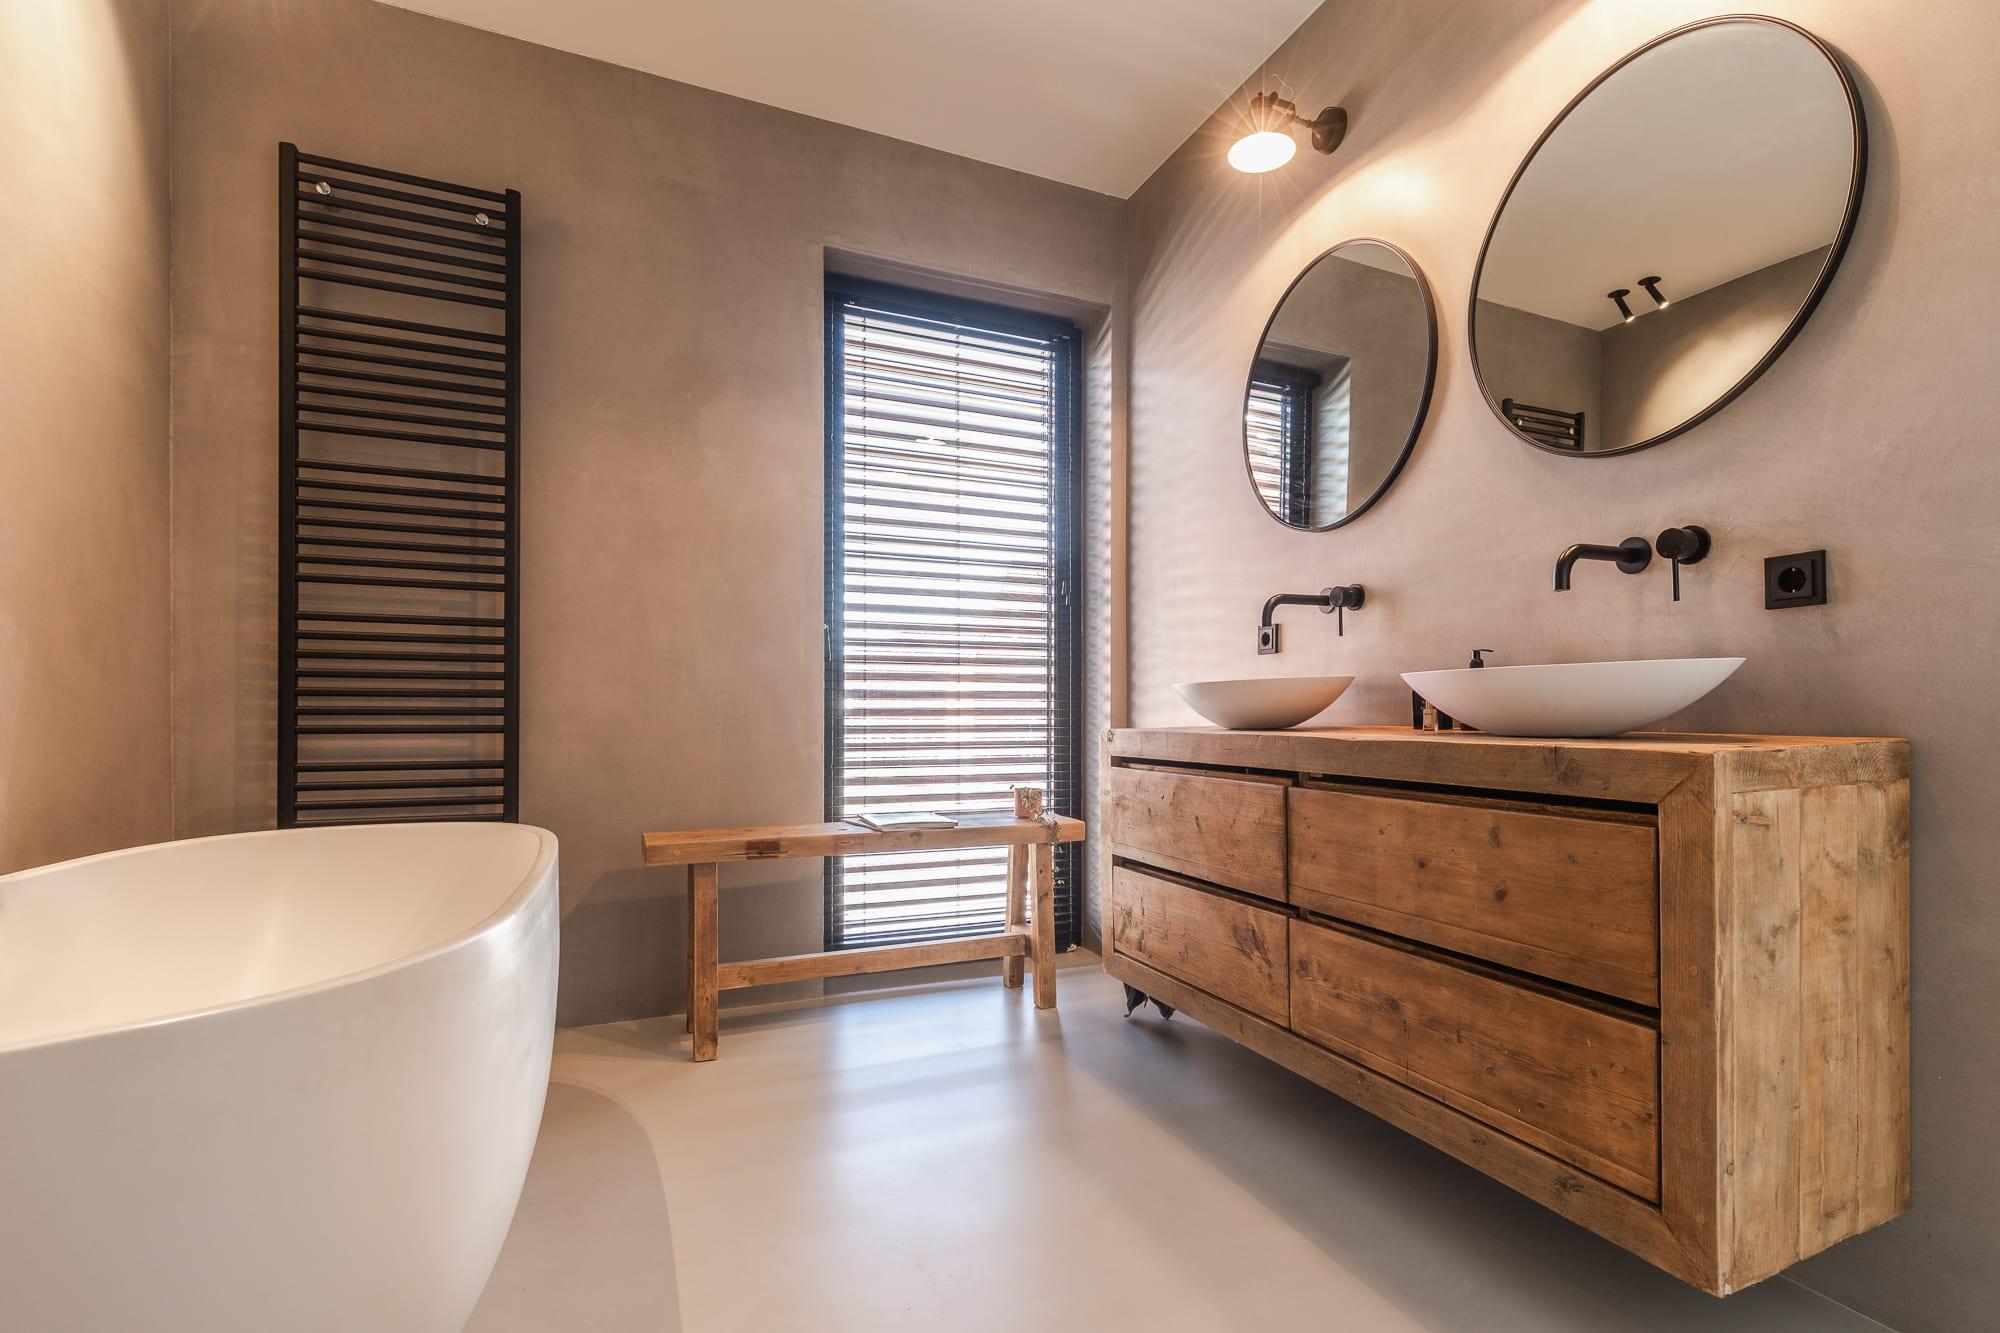 Badkamer betonstuc wanden en nis Veenendaal Ecobouwen 3